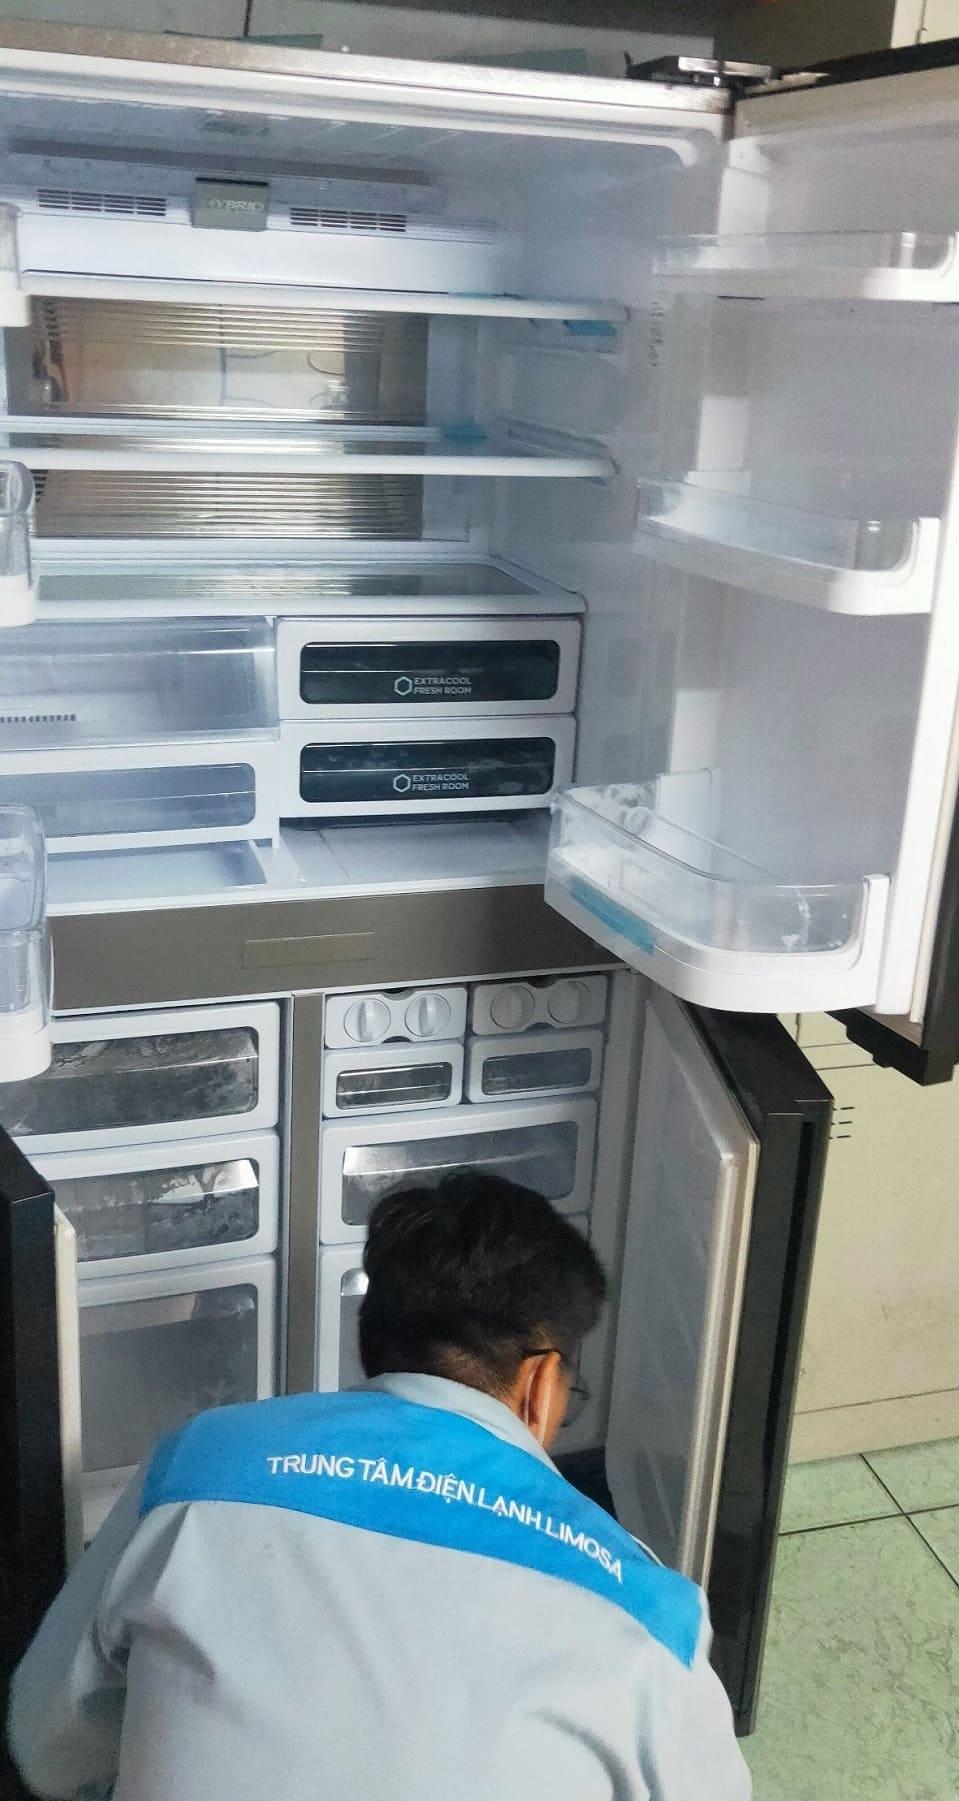 thợ sửa tủ lạnh quận 4